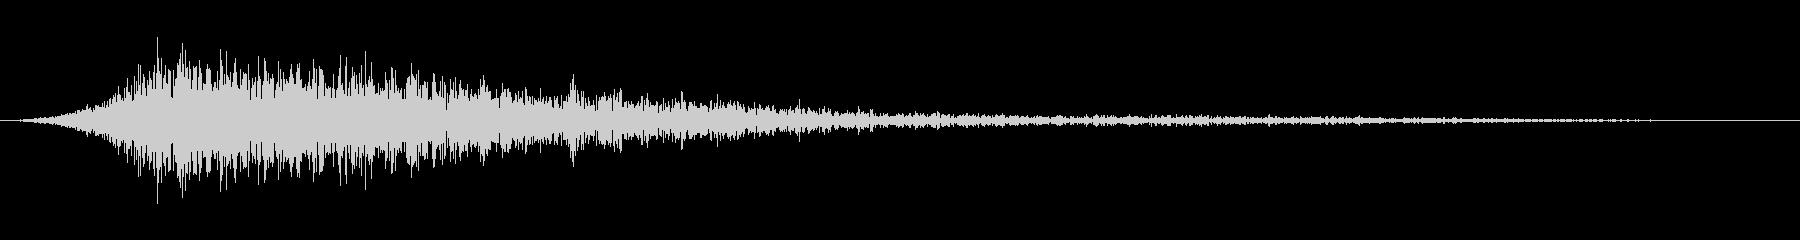 グリット・ディスソルブ・フーシュの未再生の波形